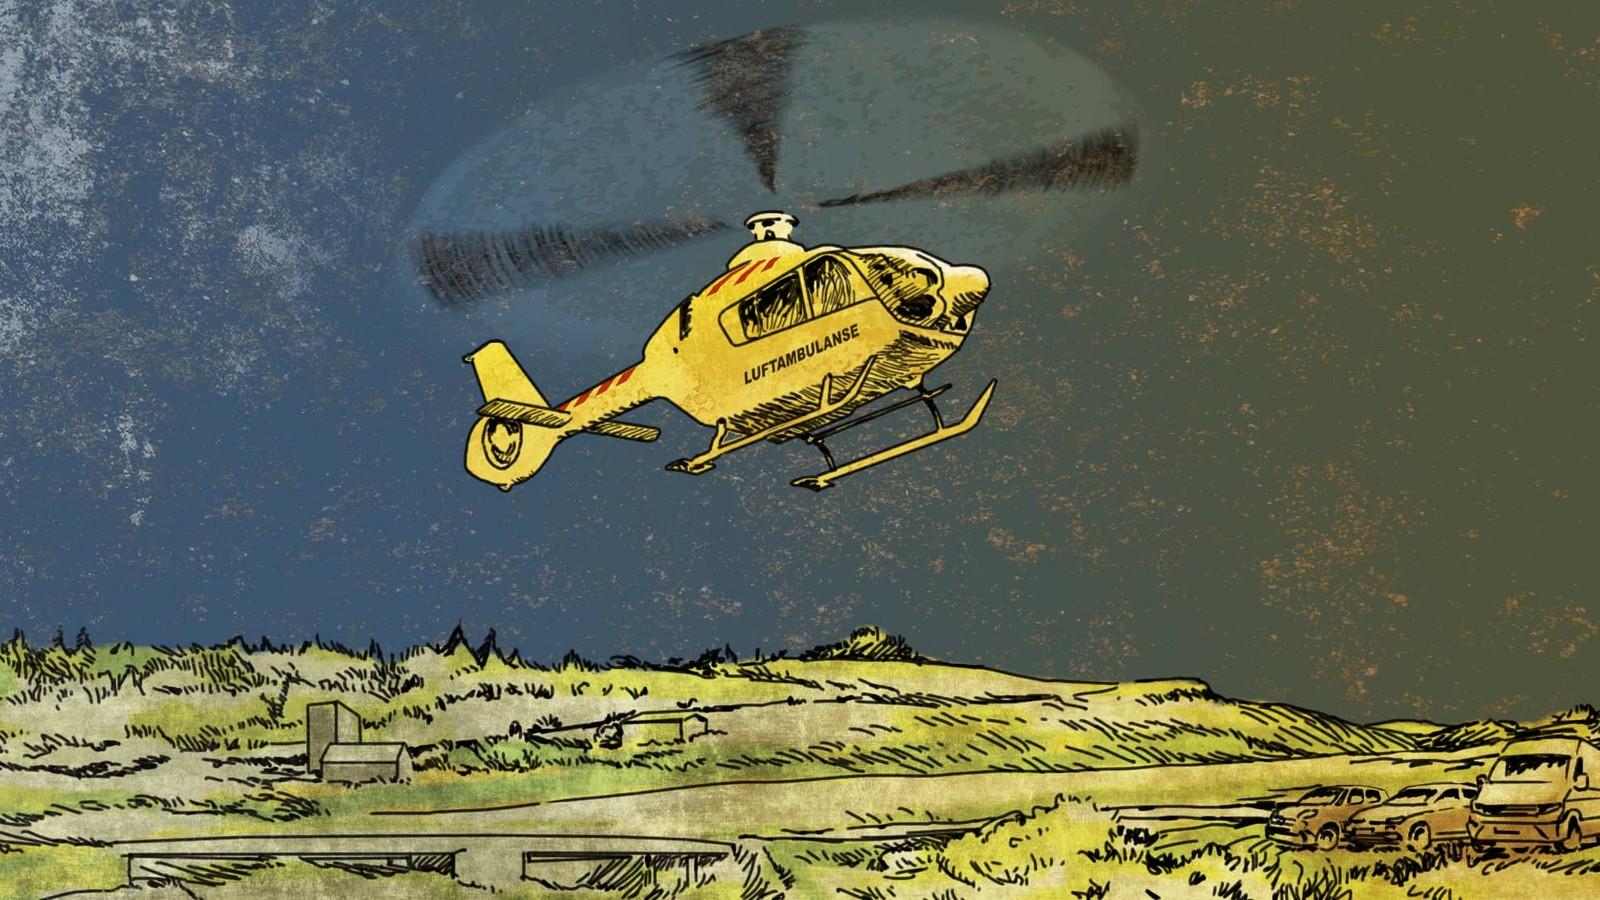 Illustrasjon av et ambulansehelikopter som lander